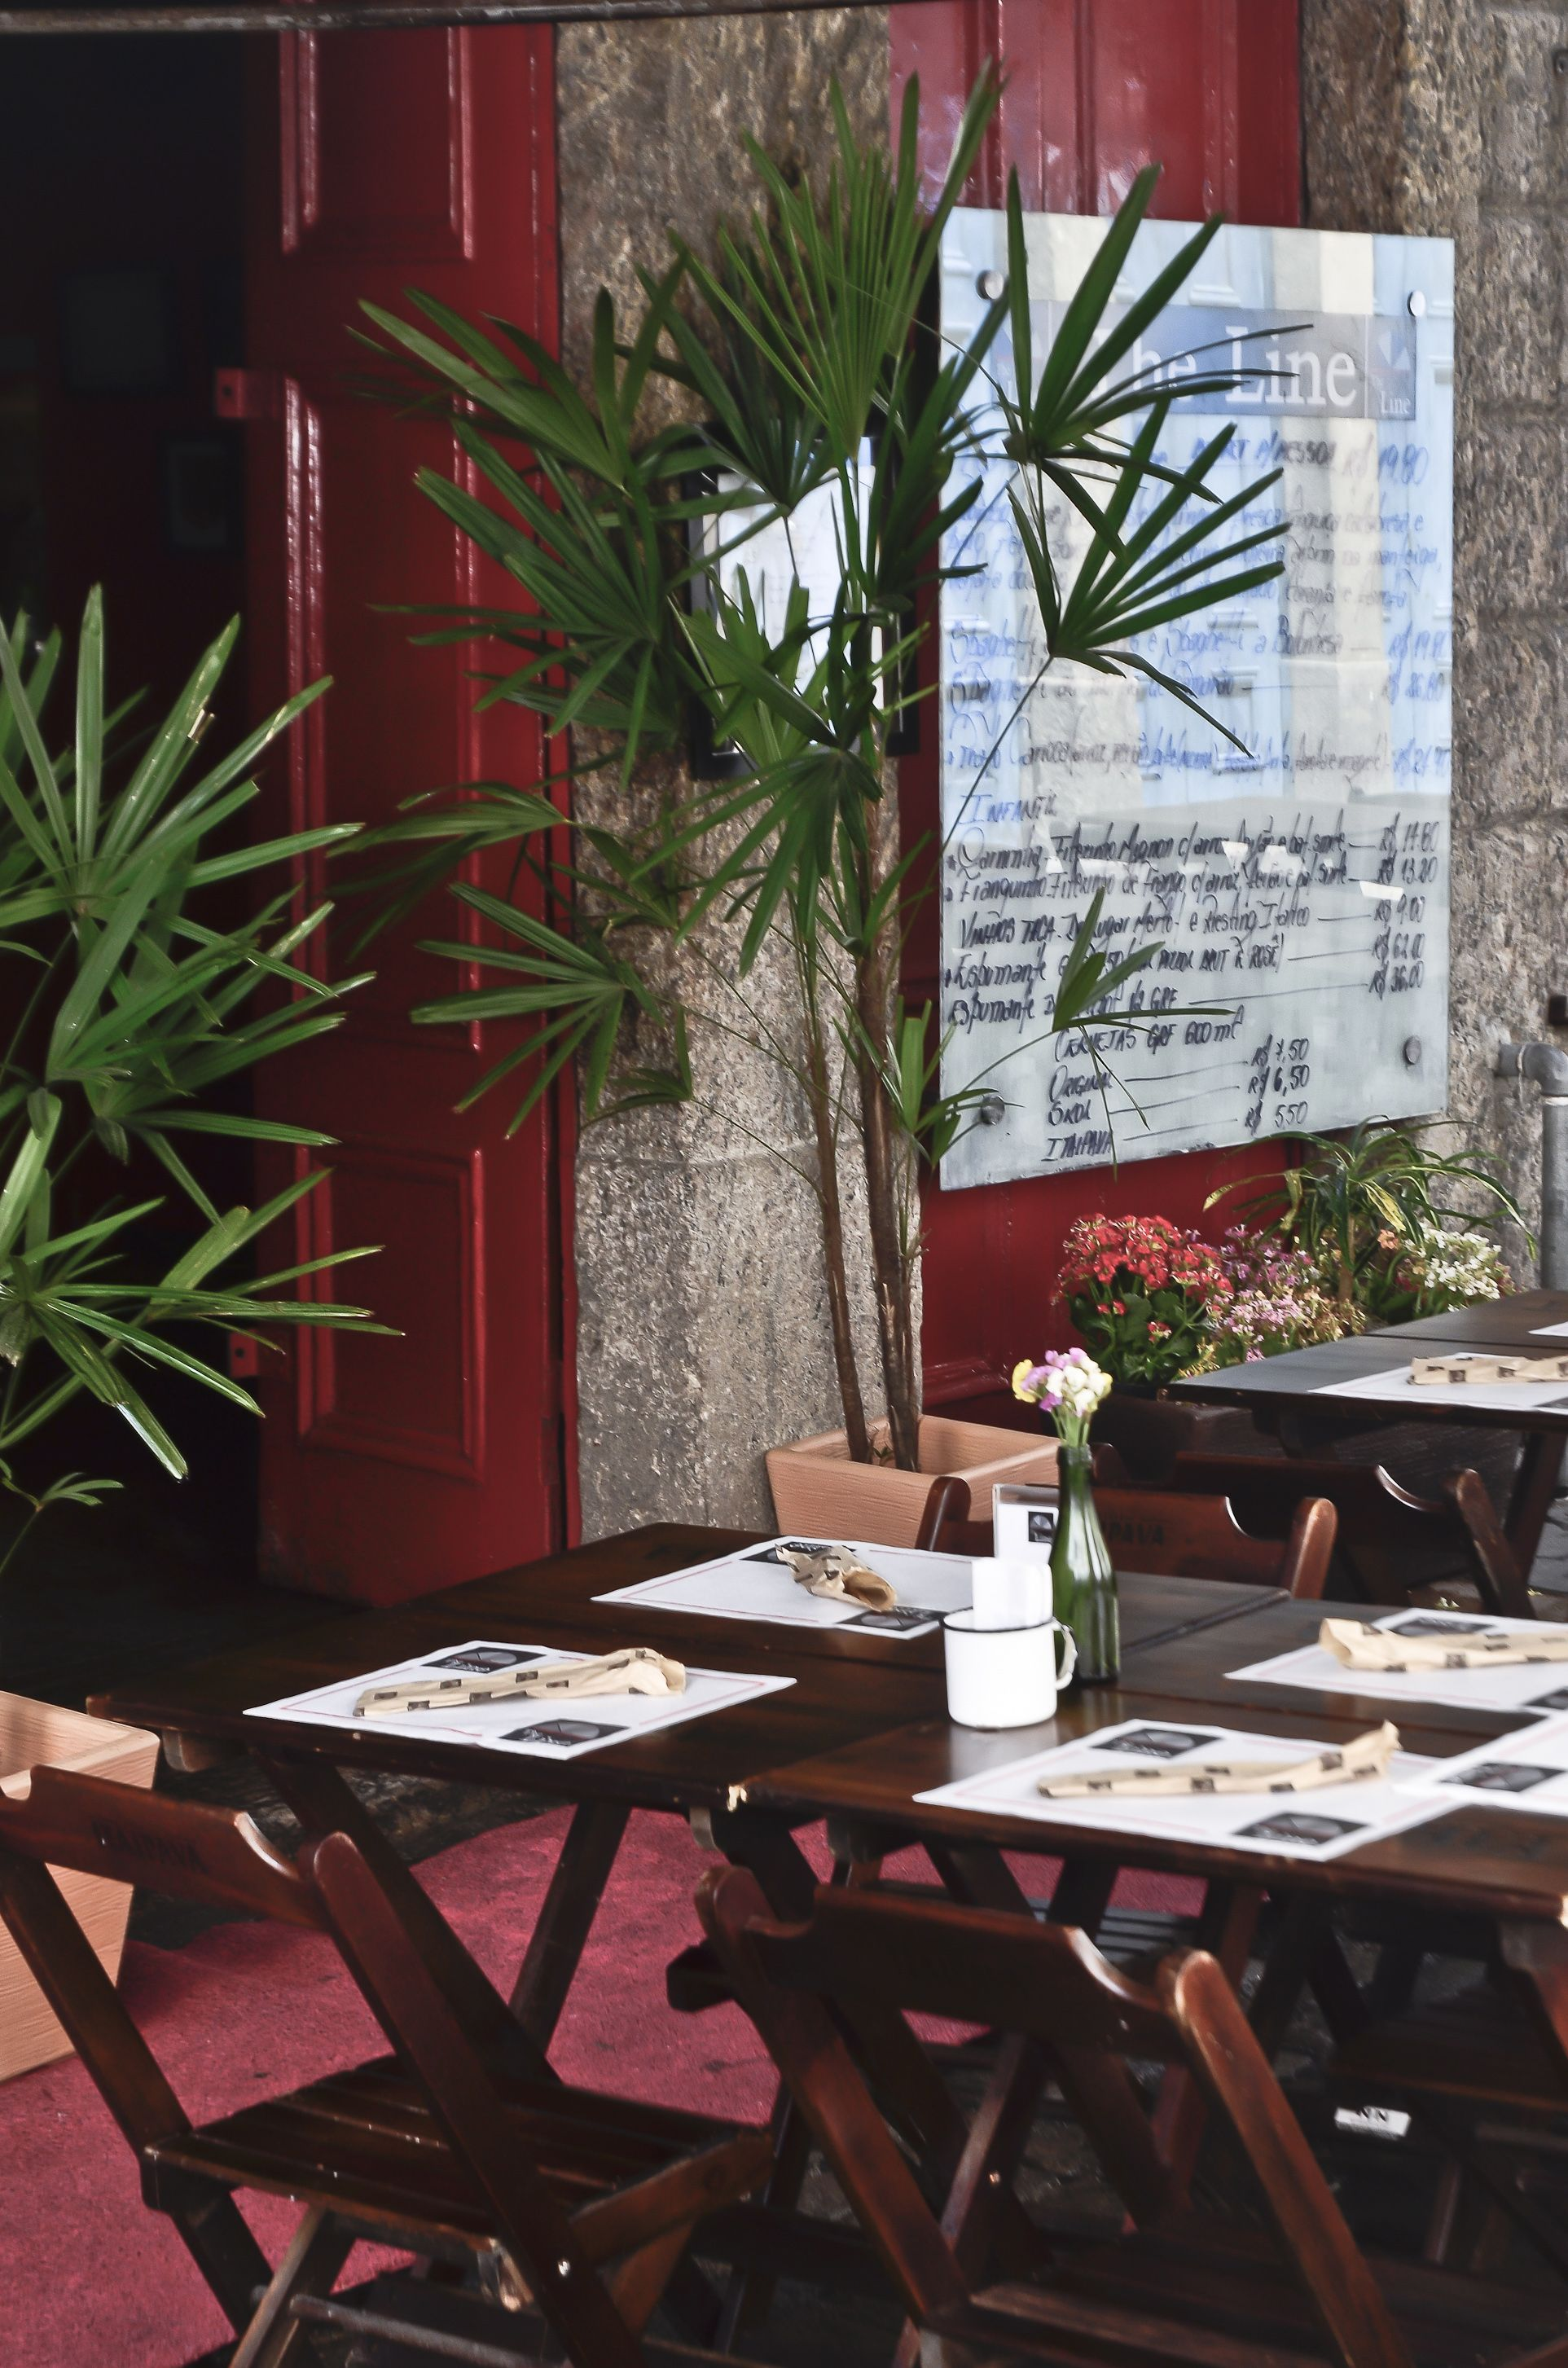 The Line Arco Do Teles Travessa Do Com Rcio 20 Rio De Janeiro  # Table Teles Design